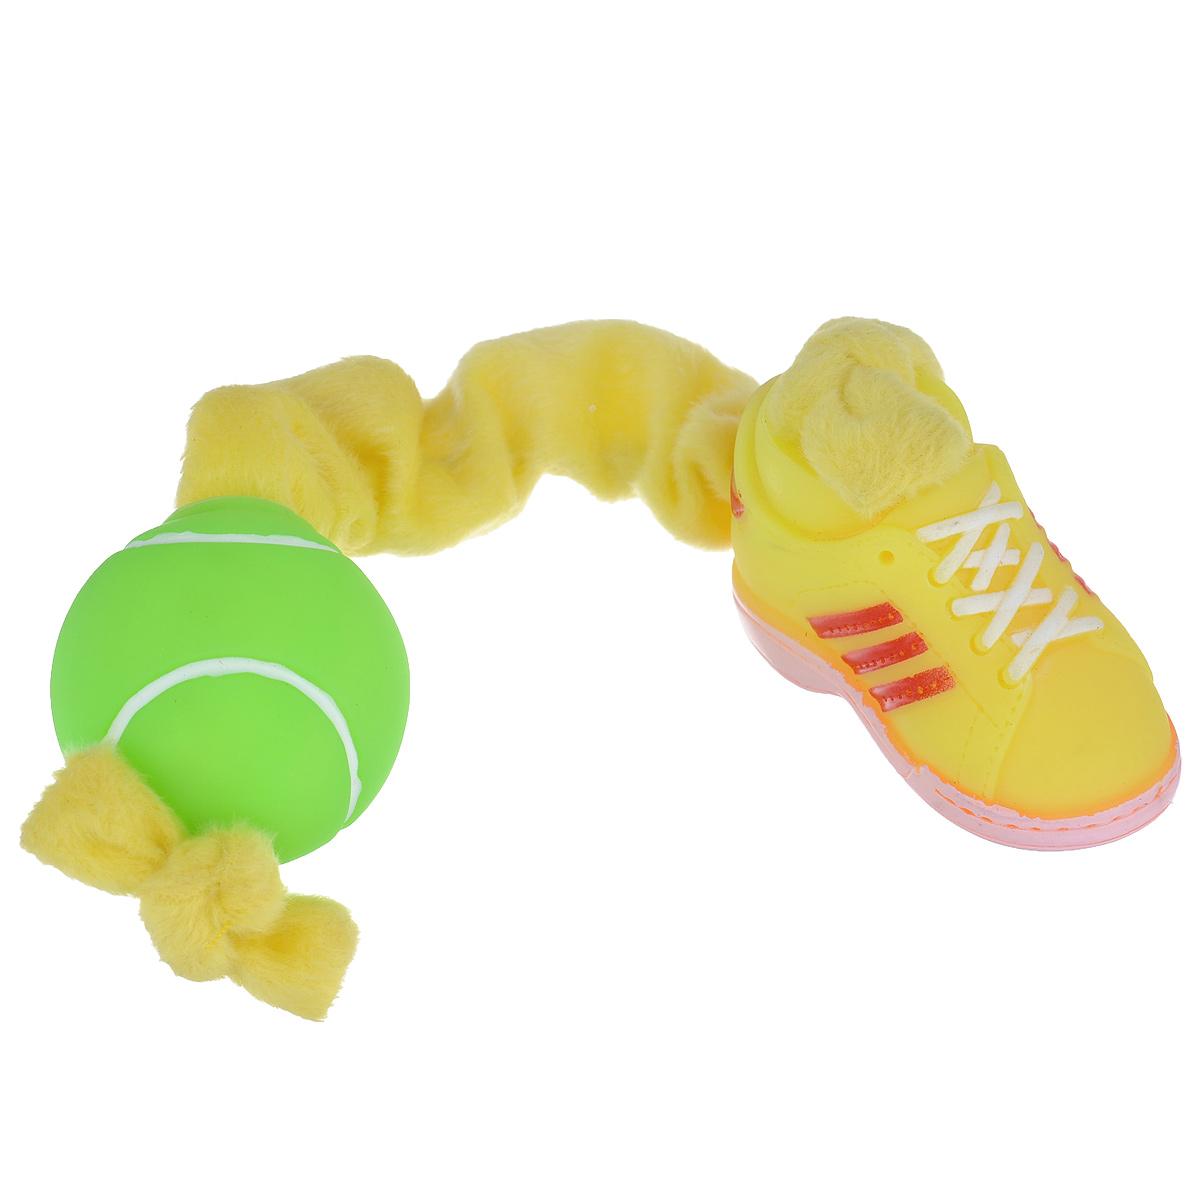 Игрушка для собак I.P.T.S. Ботинок и мяч, цвет: желтый, салатовый0120710Игрушка I.P.T.S. Ботинок и мяч, изготовленная из текстиля и резины, выполнена в виде мяча с одной стороны и ботинка с другой. Эластичная веревка позволяет собаке активно играть. Такая игрушка не навредит здоровью вашего питомца и увлечет его на долгое время.Общая длина игрушки: 24-32 см. Диаметр мяча: 5 см. Размер ботинка: 7,5 см х 4 см х 5,5 см.